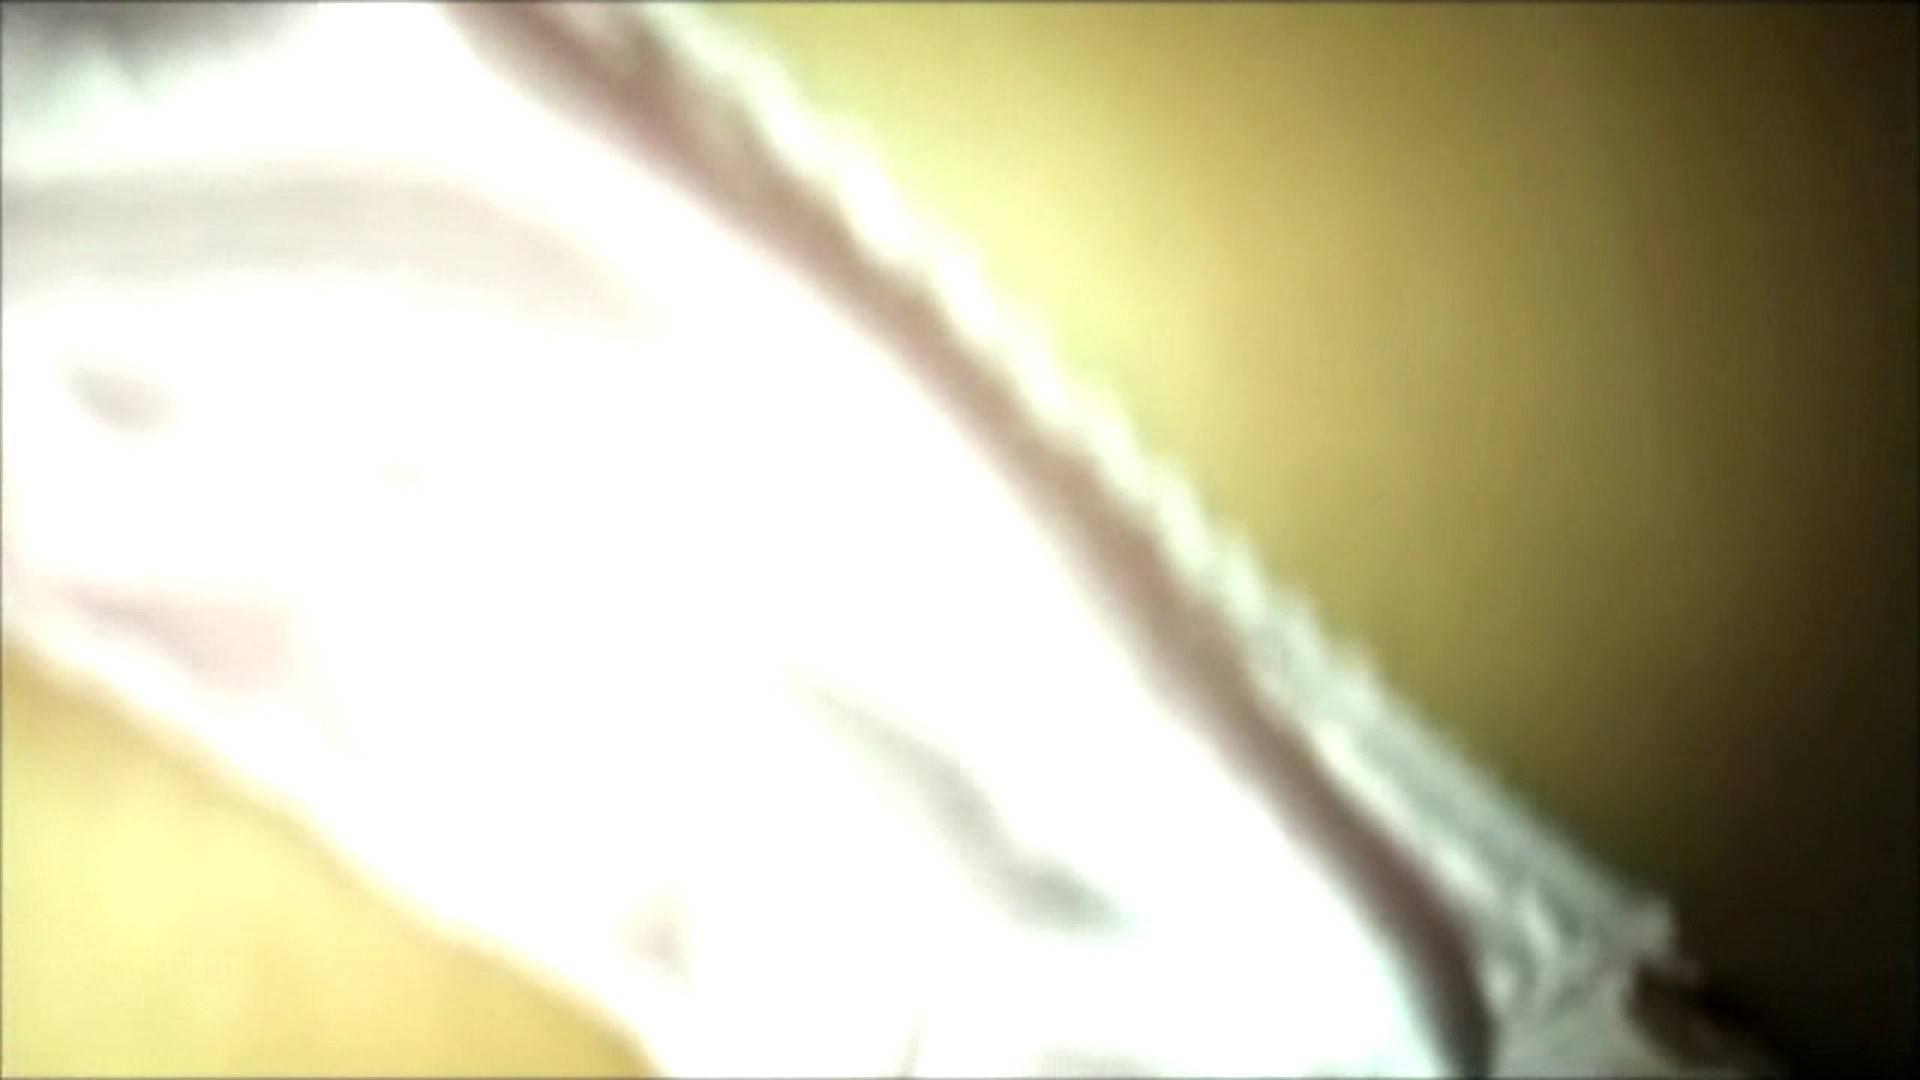 魔術師の お・も・て・な・し vol.05 21歳 美乳にイタズラ 美乳  110連発 14